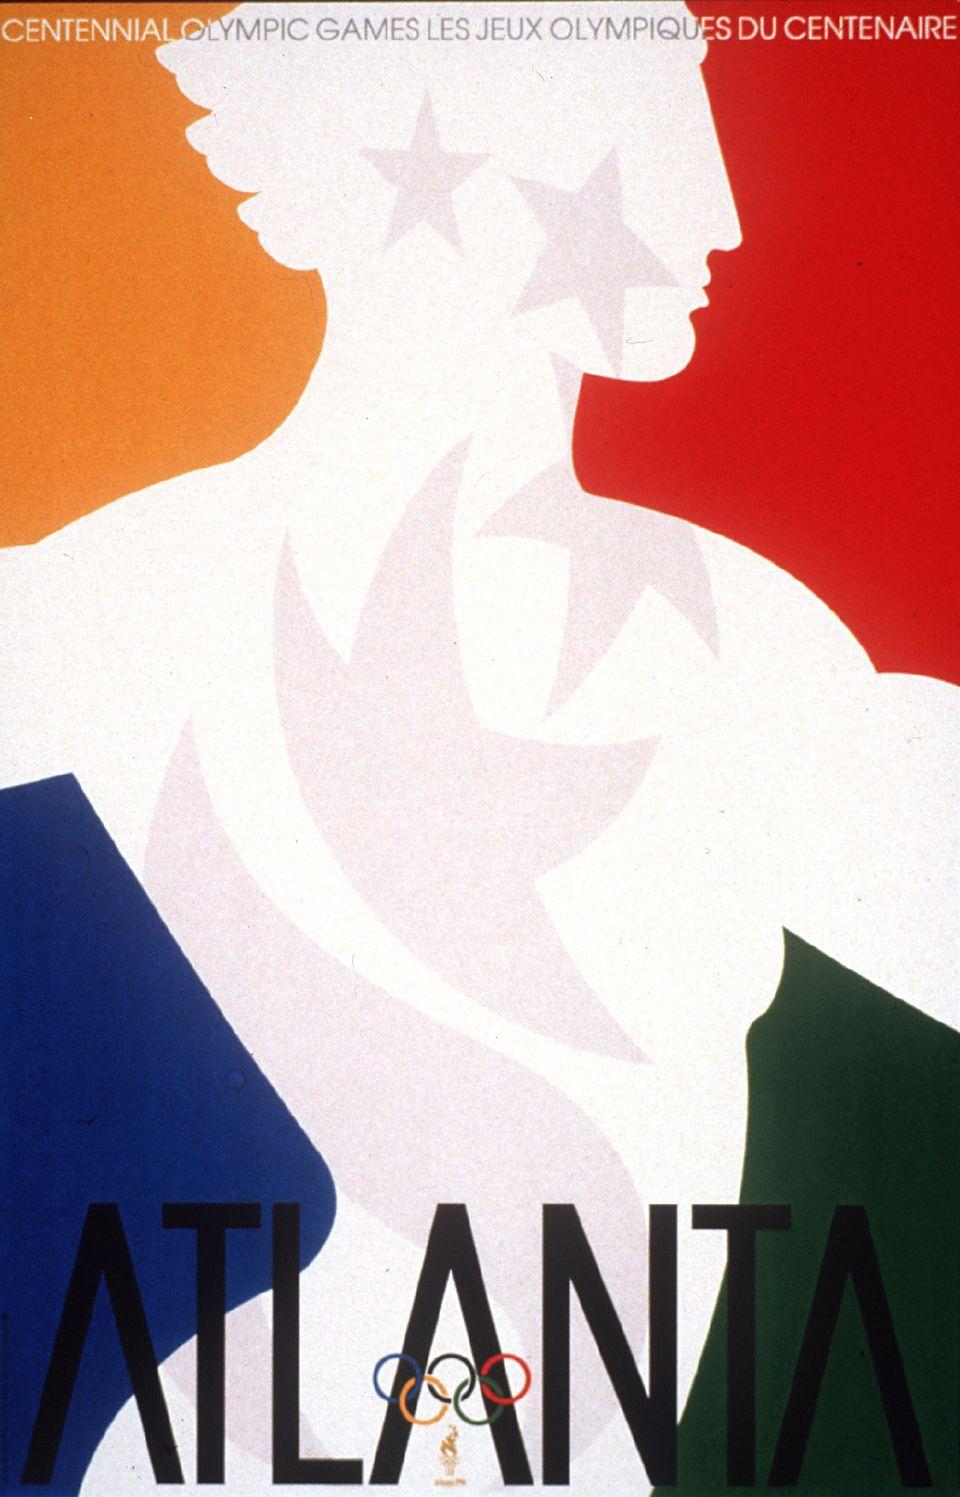 JUEGOS OLIMPICOS 1996 ATLANTA